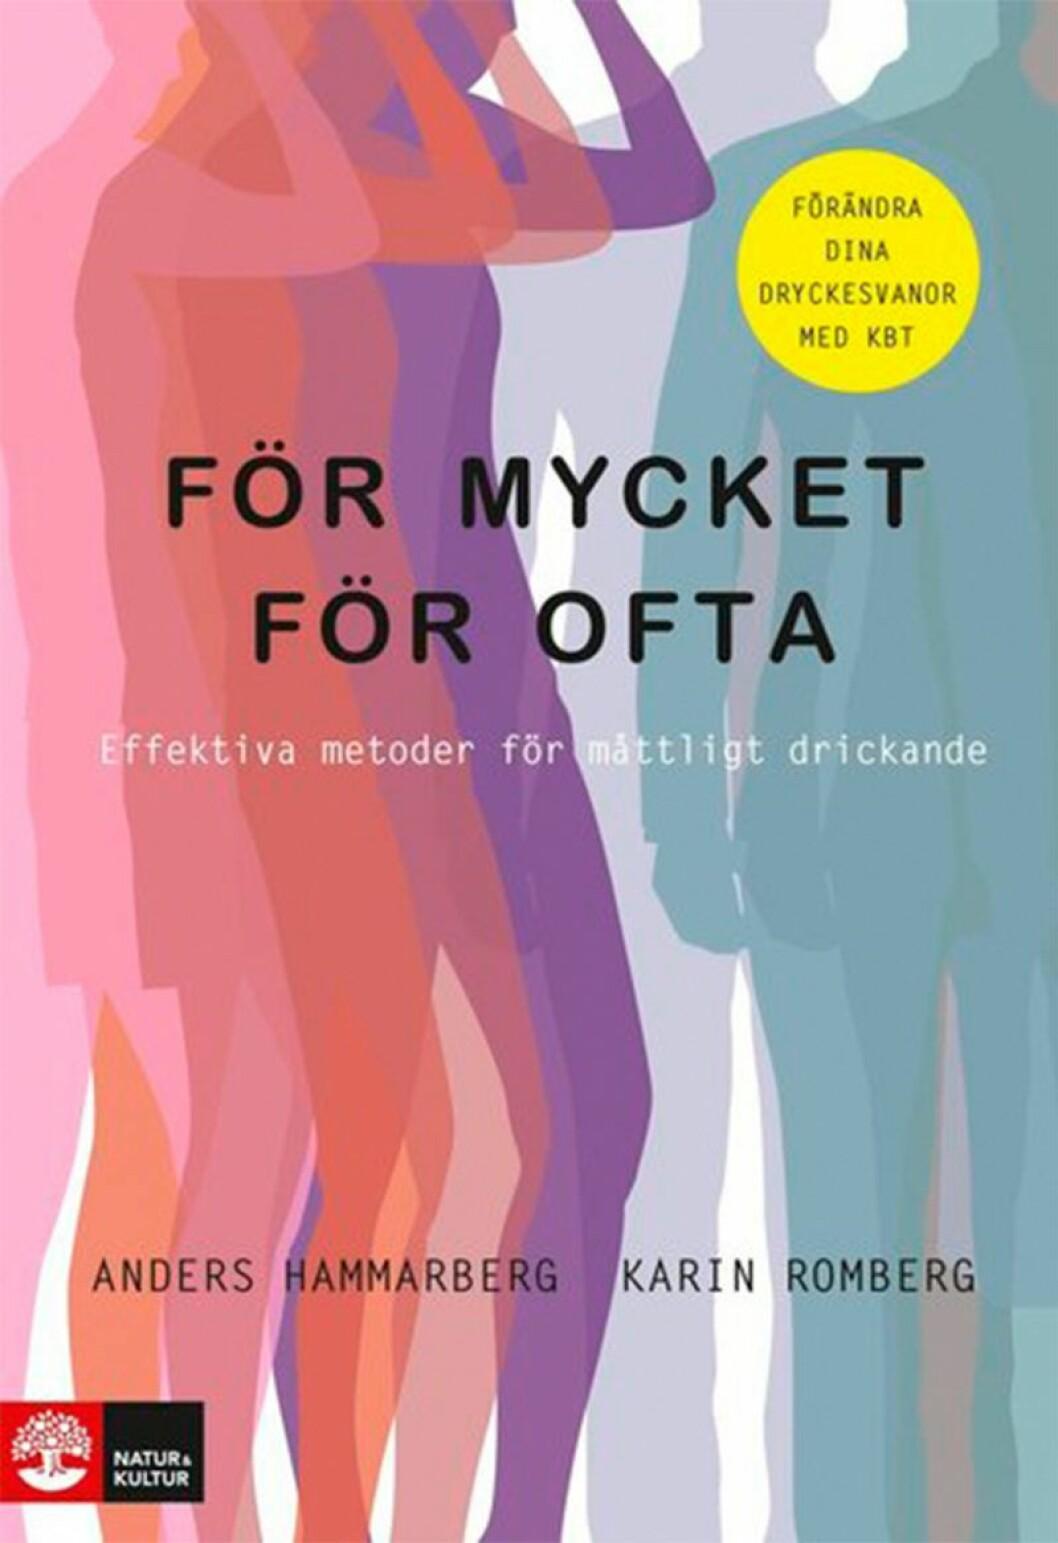 Bokomslag till För mycket för ofta, tecknade kvinnor och män.